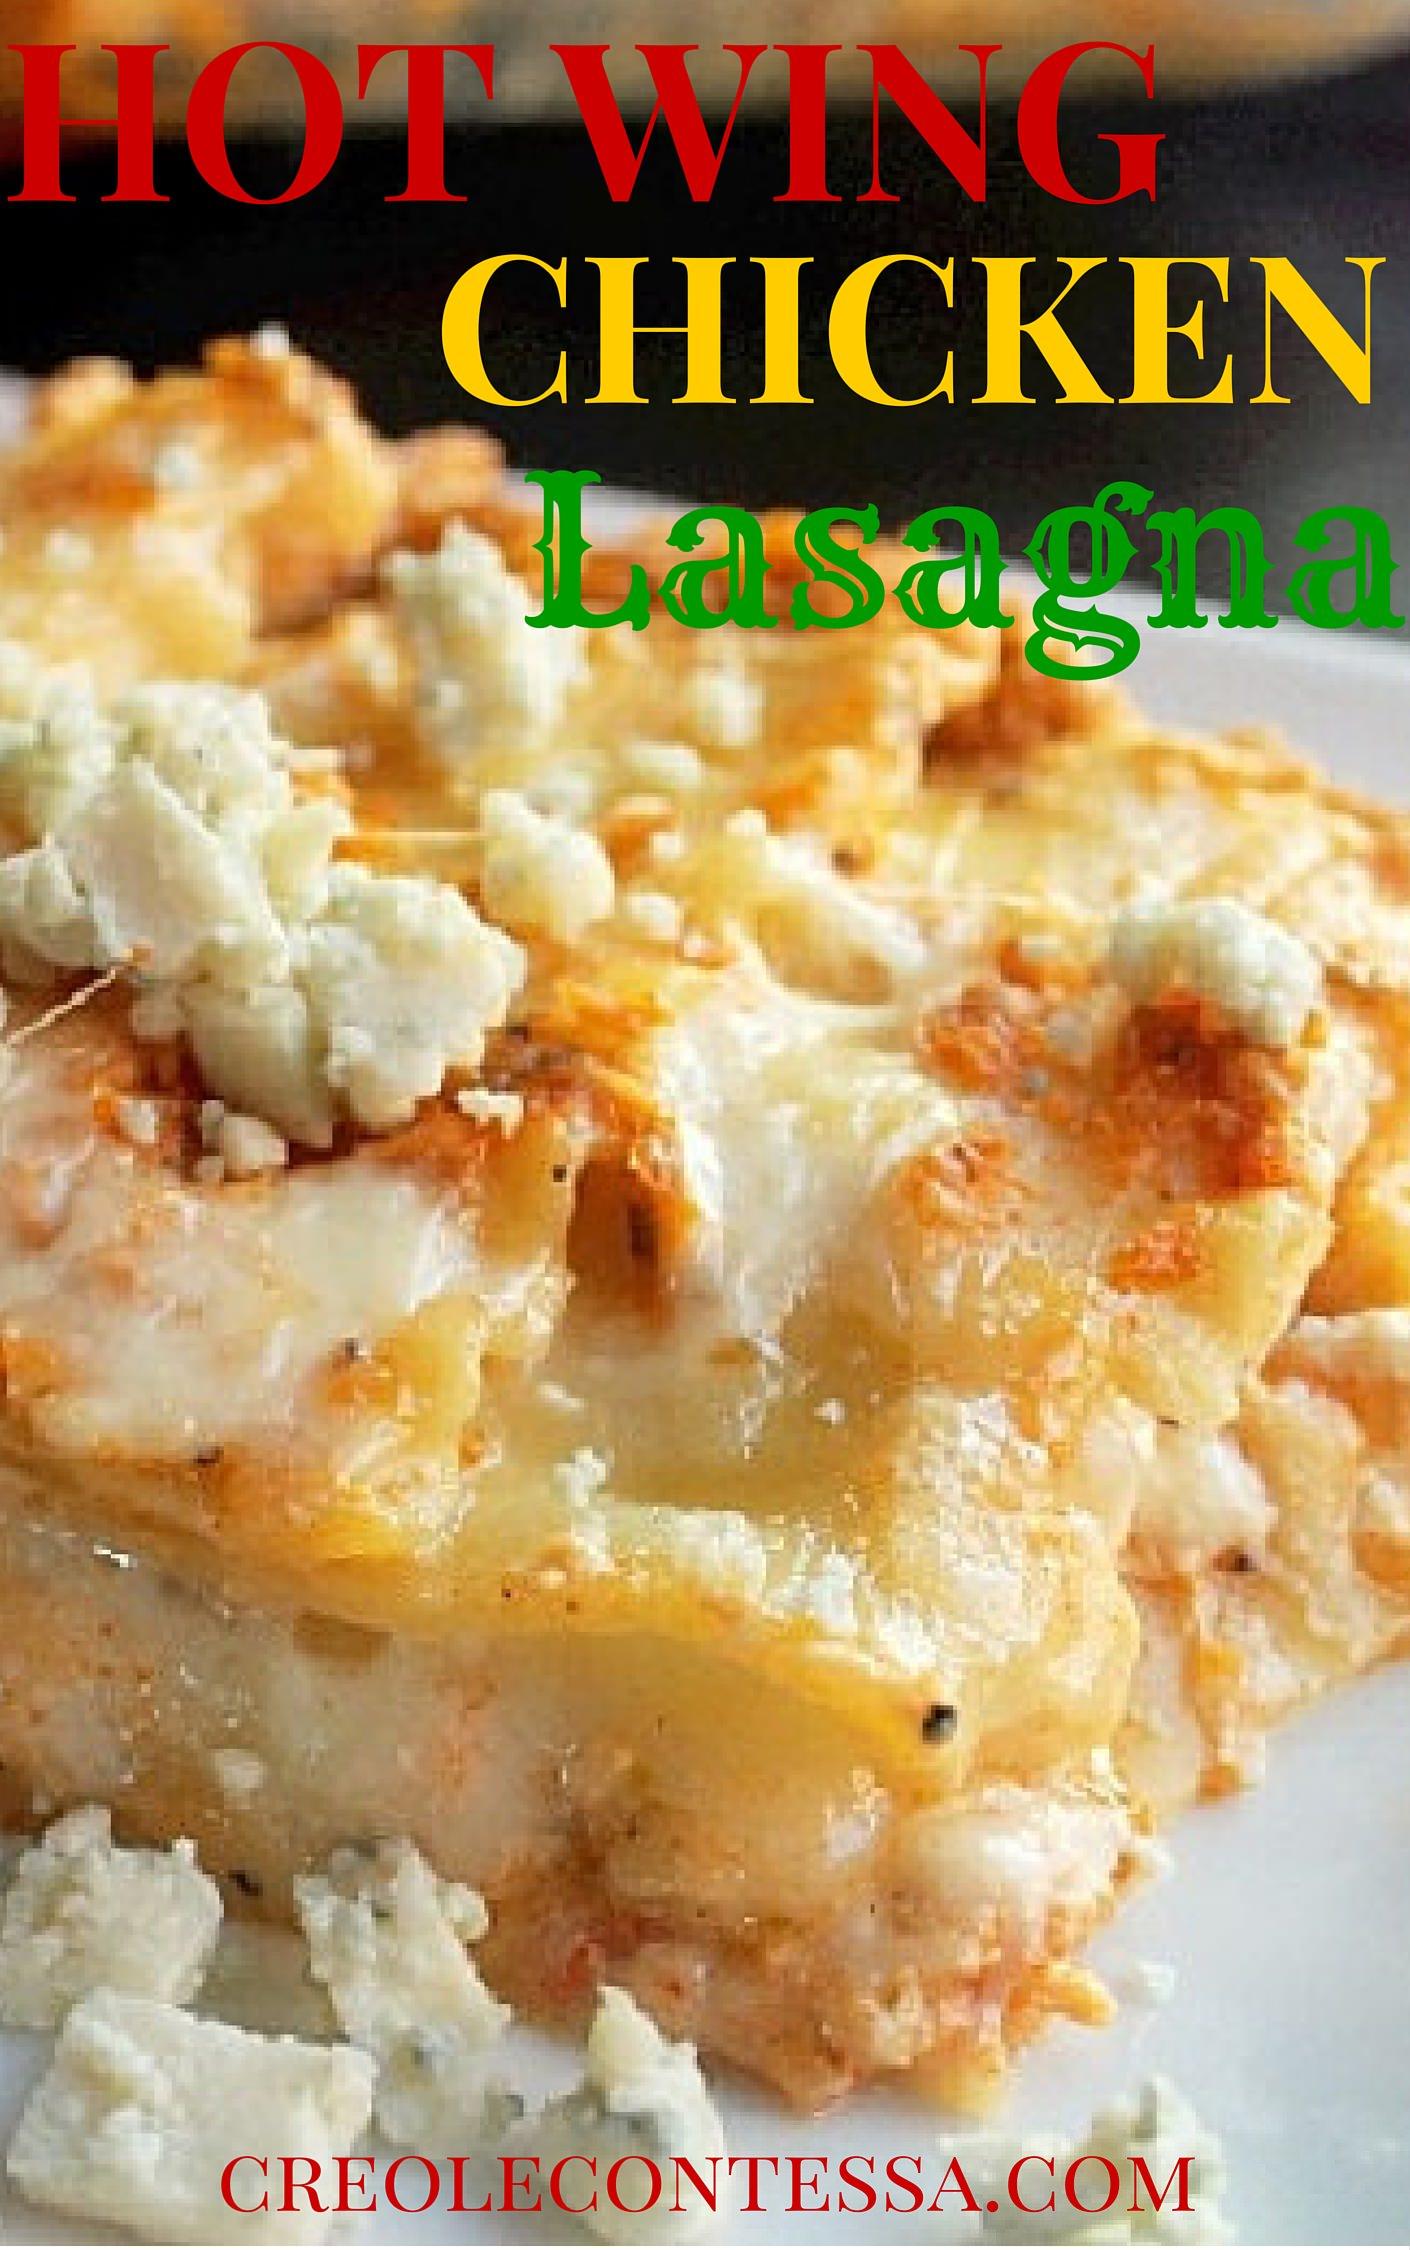 Hot Wing Chicken Lasagna - Creole Contessa